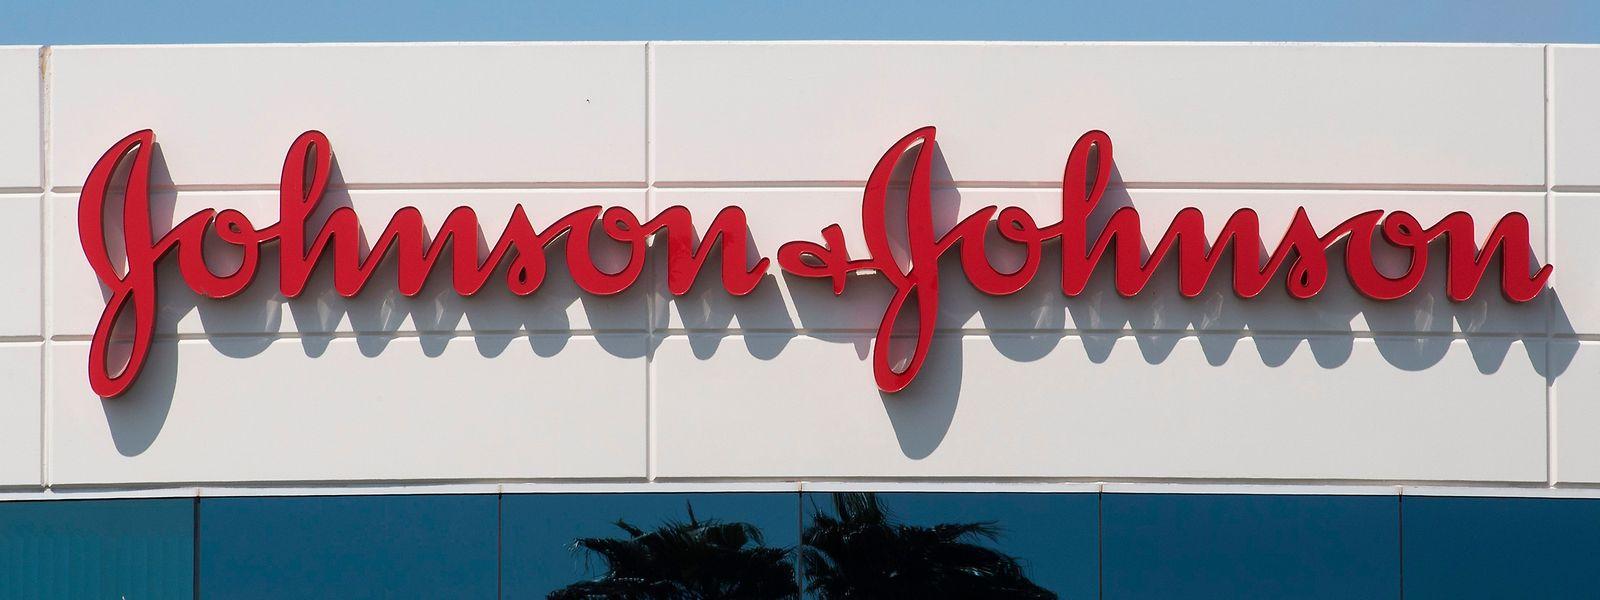 Johnson & Johnson avait commencé à recruter des volontaires pour participer à la phase 3 des essais cliniques de ce nouveau vaccin.